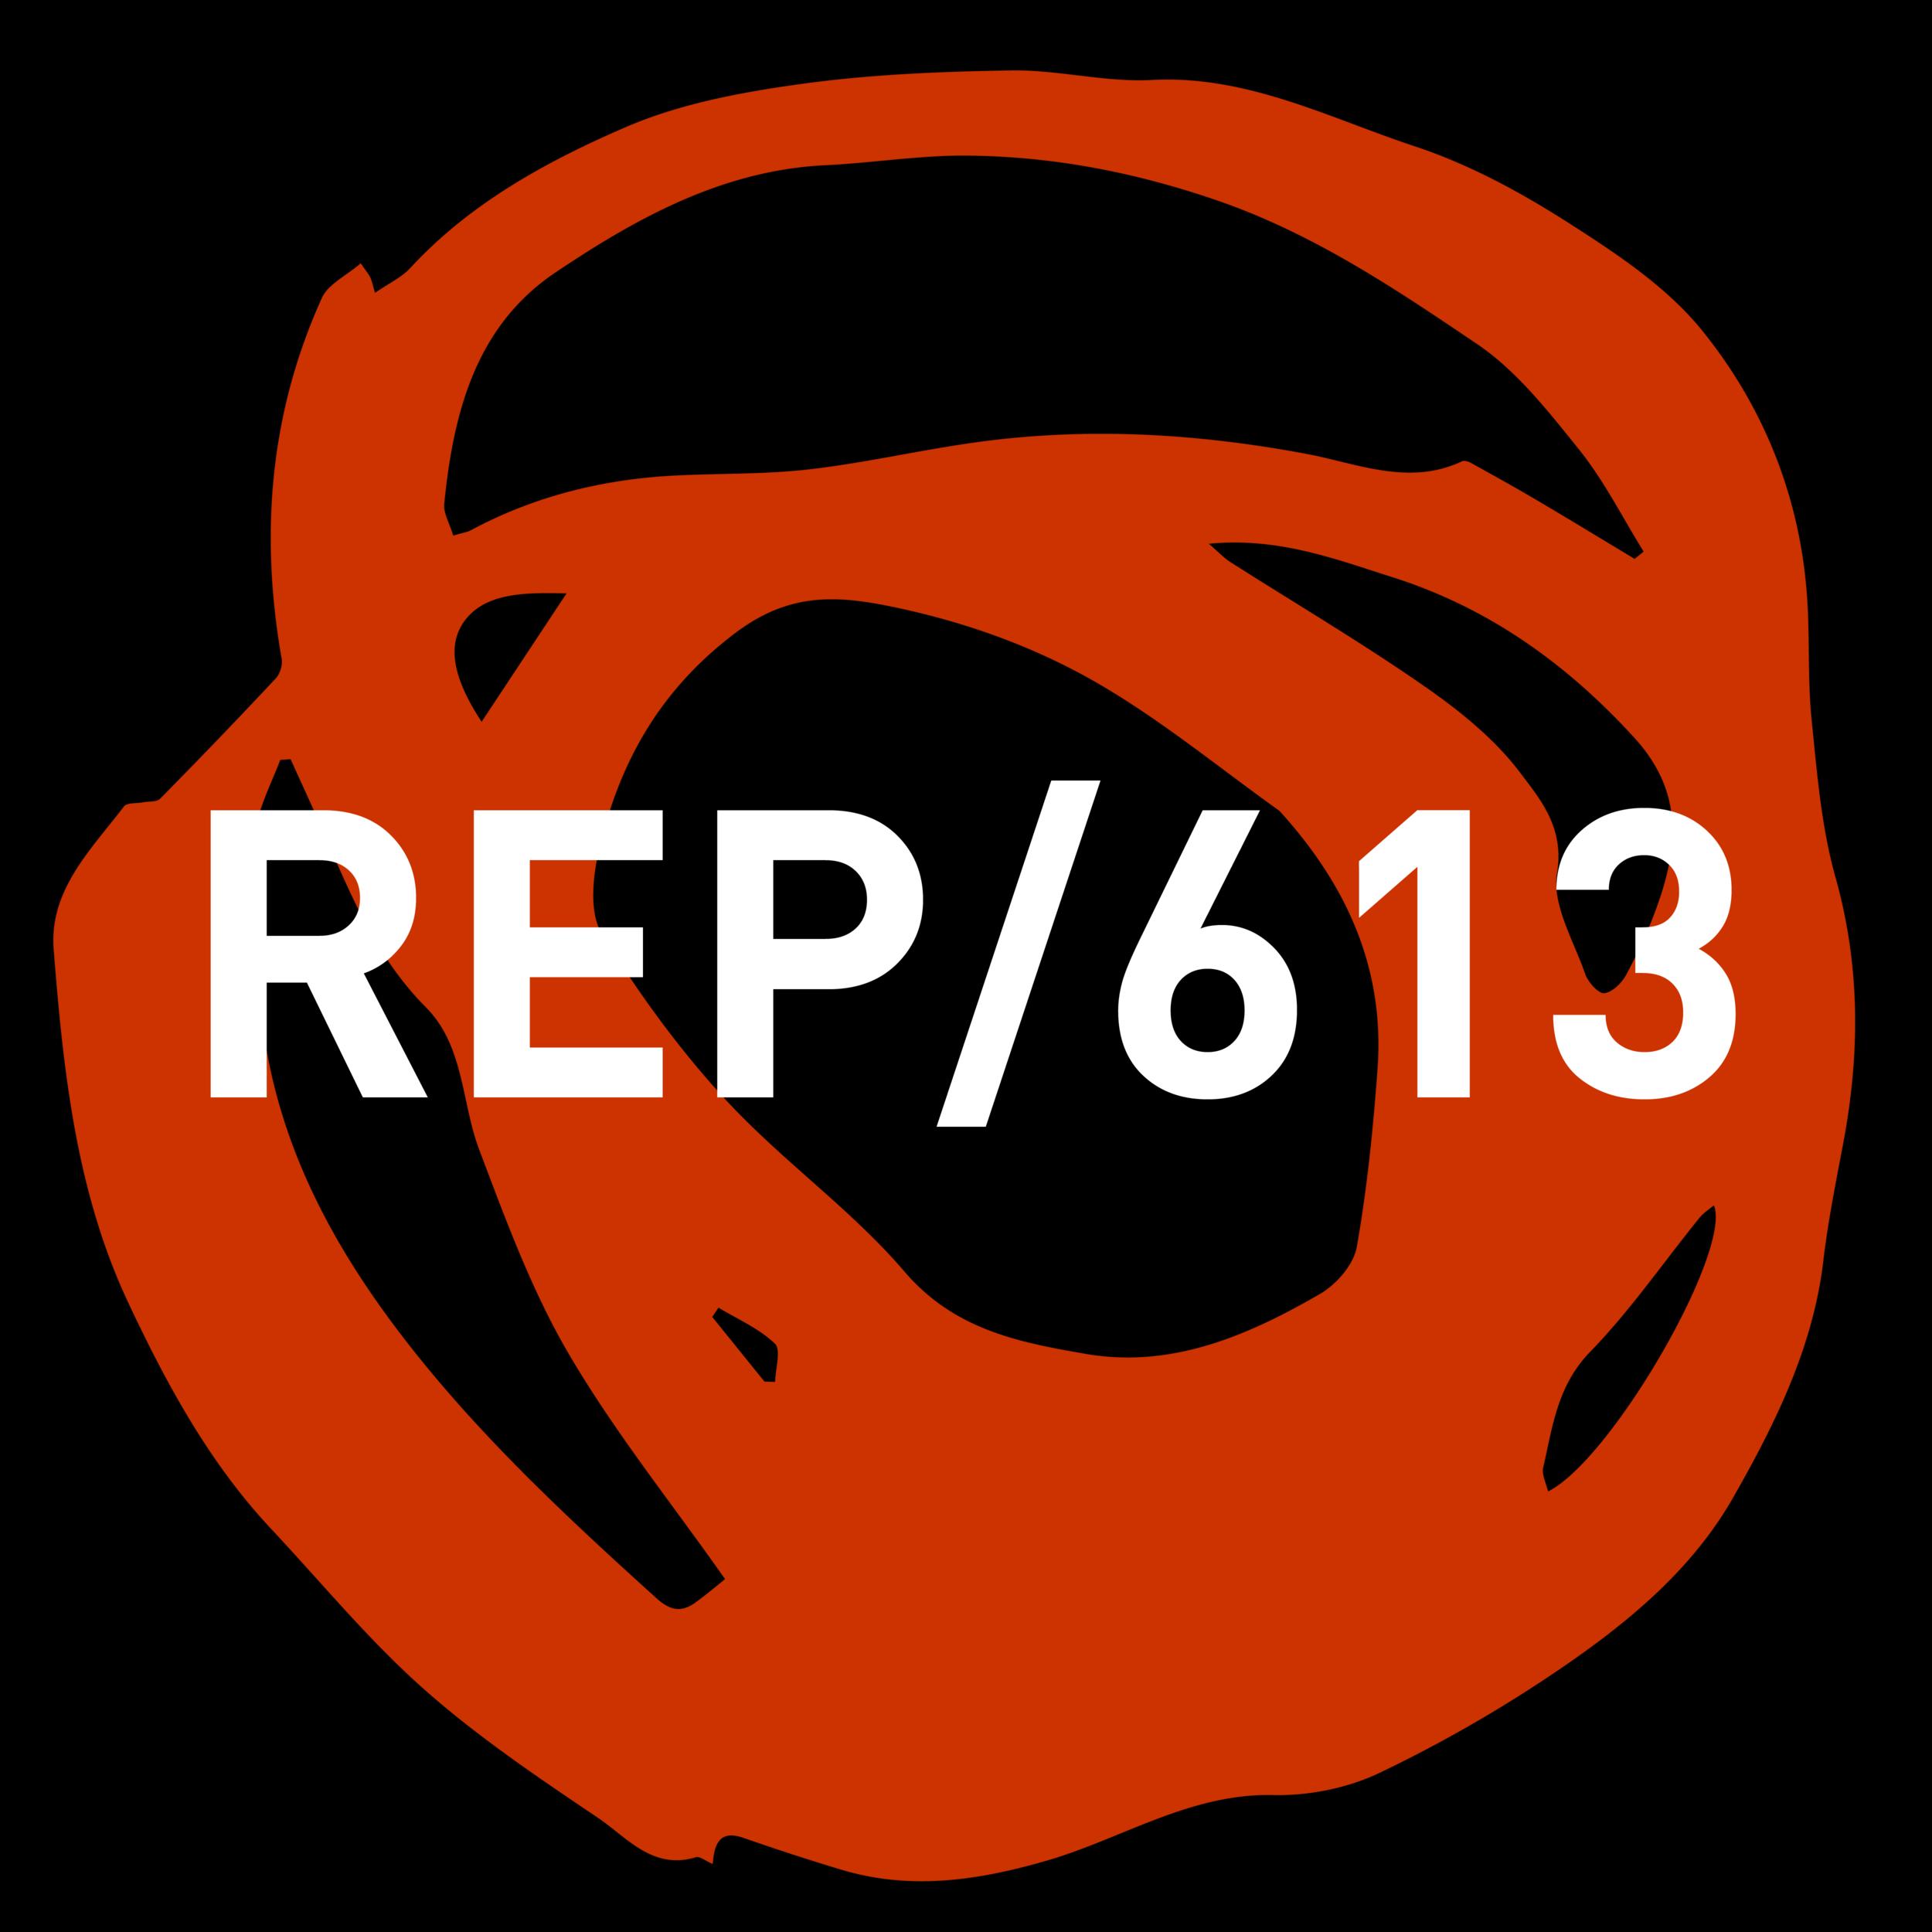 REP613.png